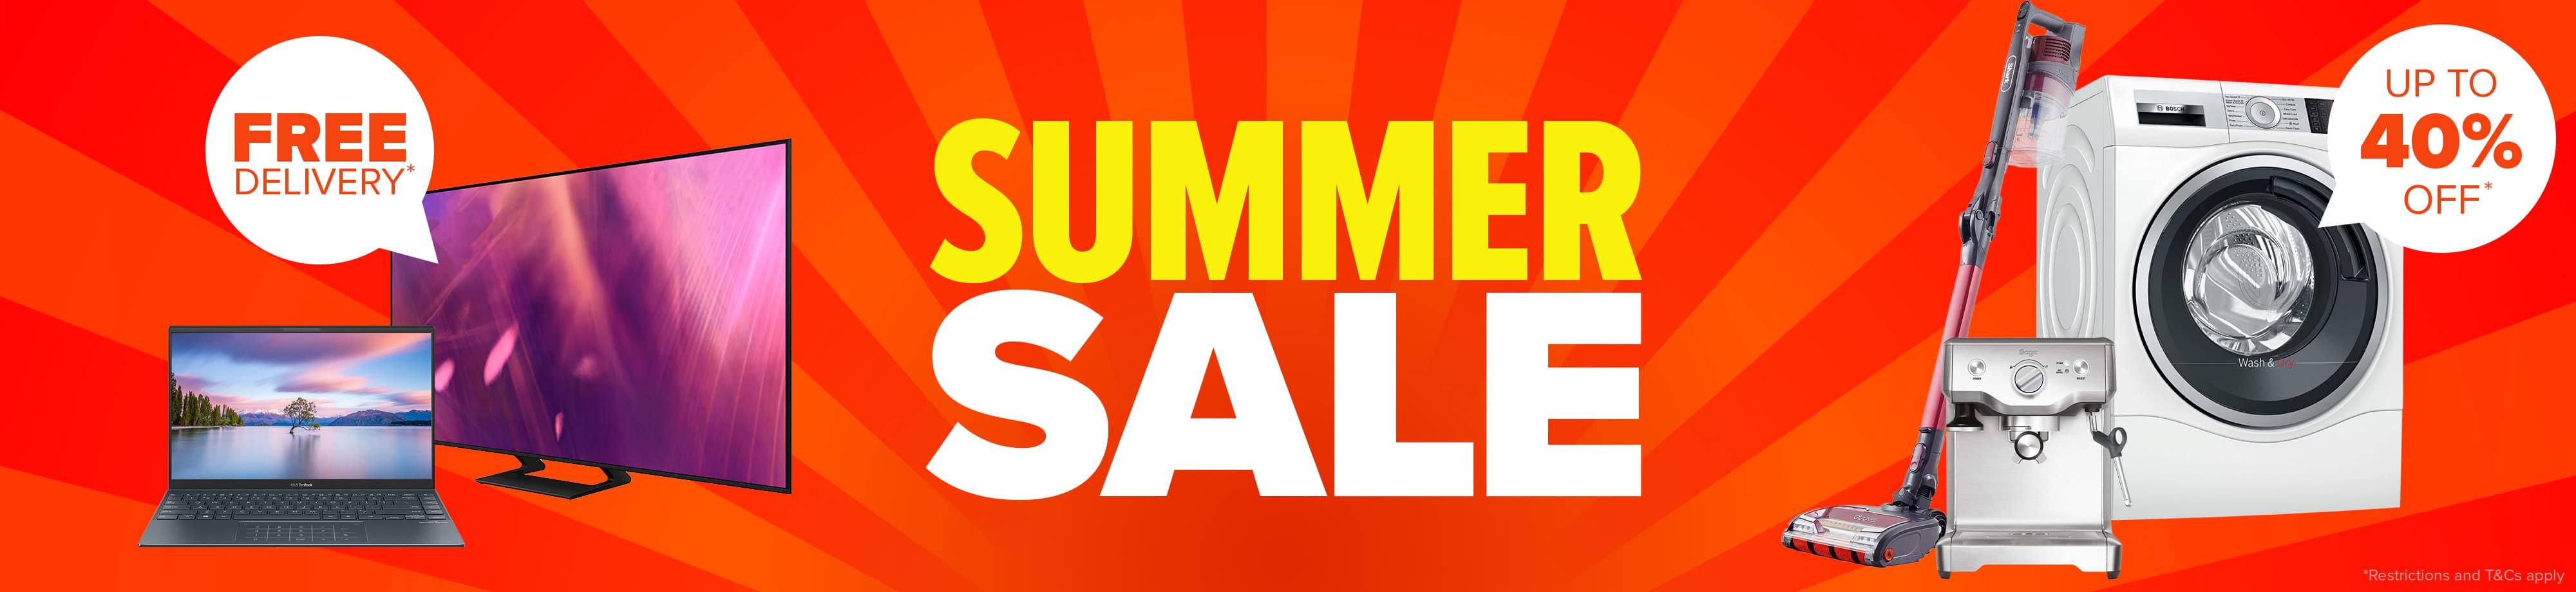 homepage carousel desktop summer sale